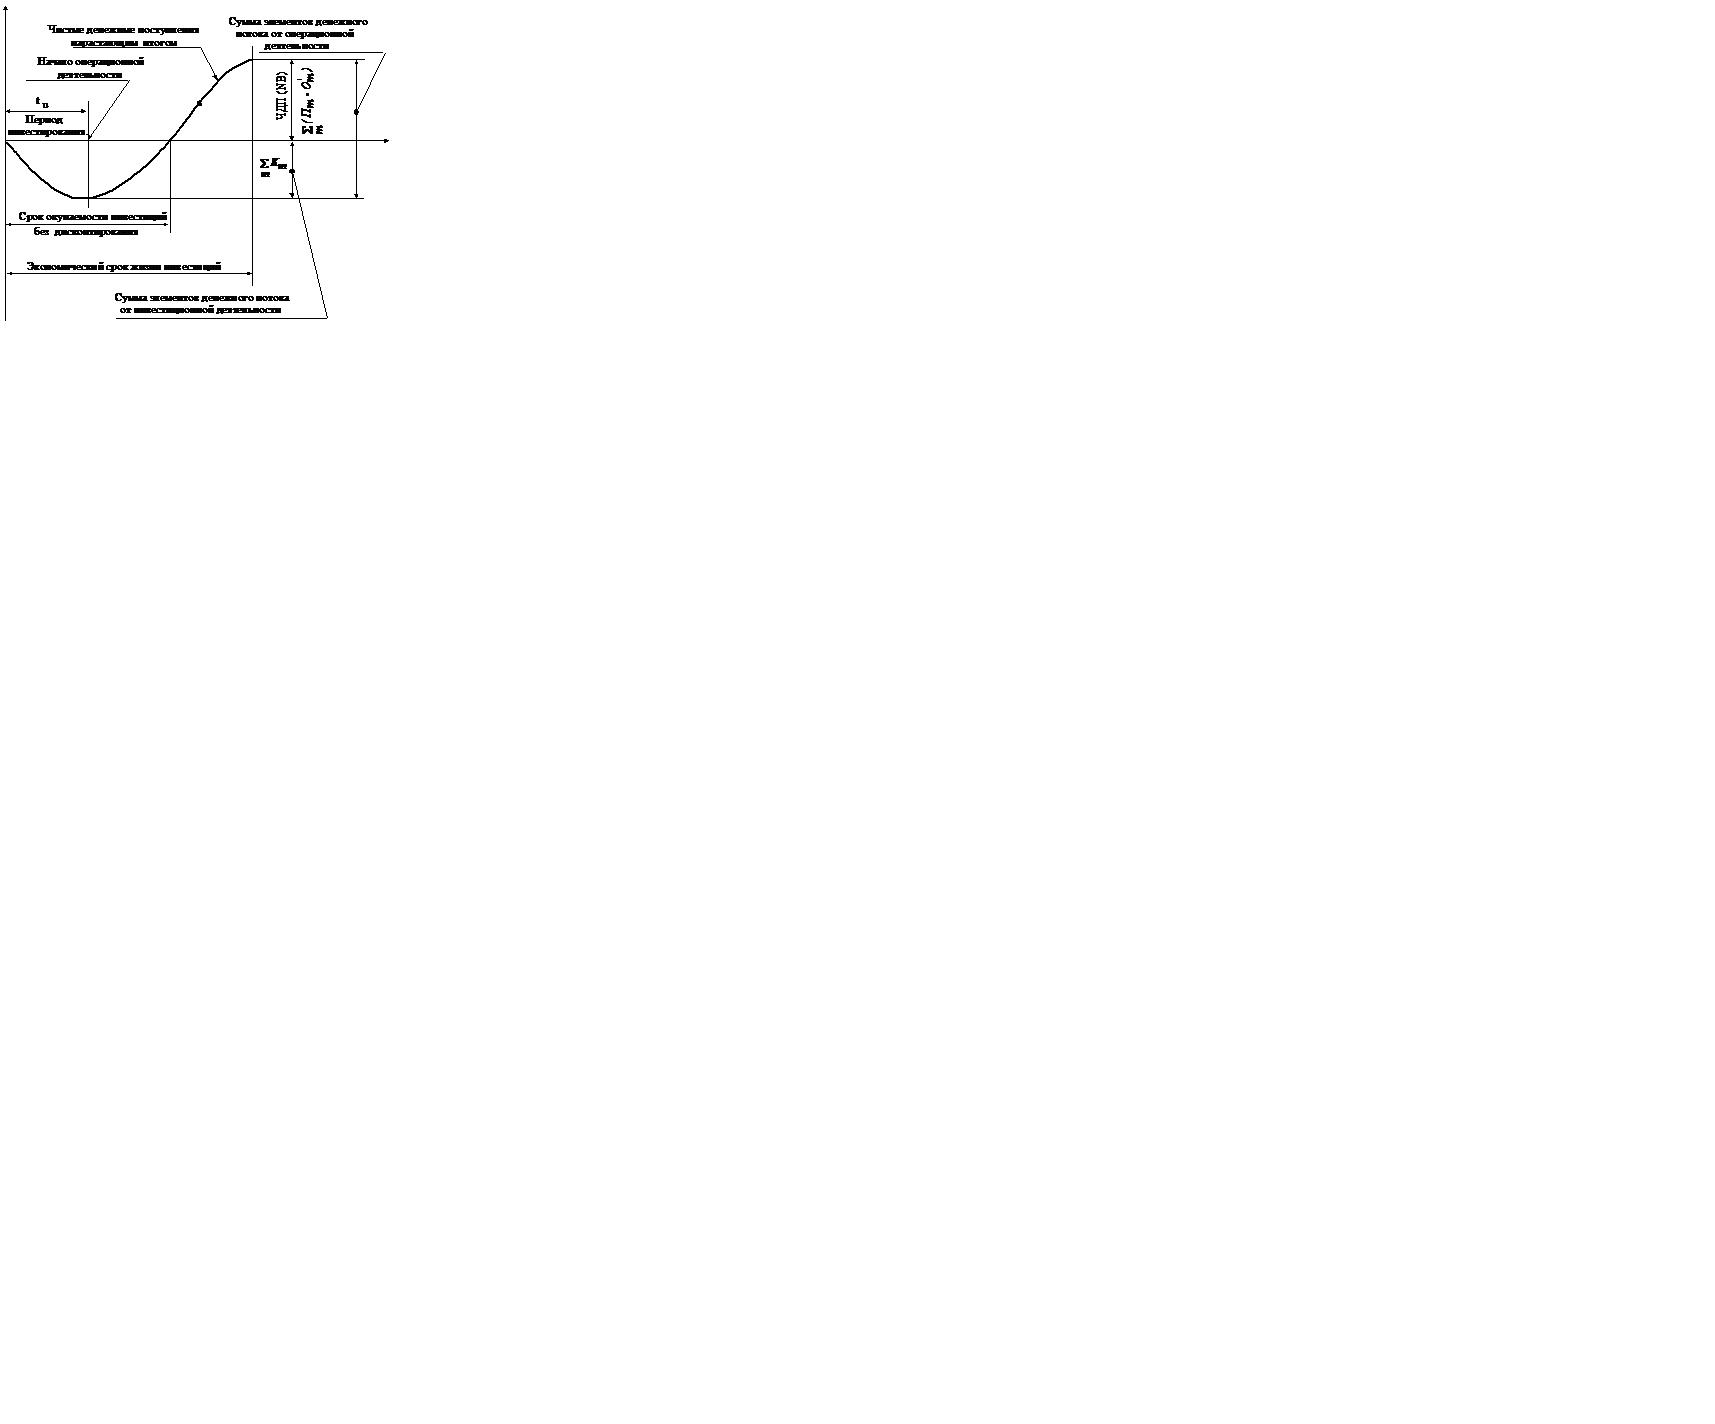 Срок окупаемости инвестиционного проекта   Расчет, формула   Дисконтированный и простой срок окупаемости  